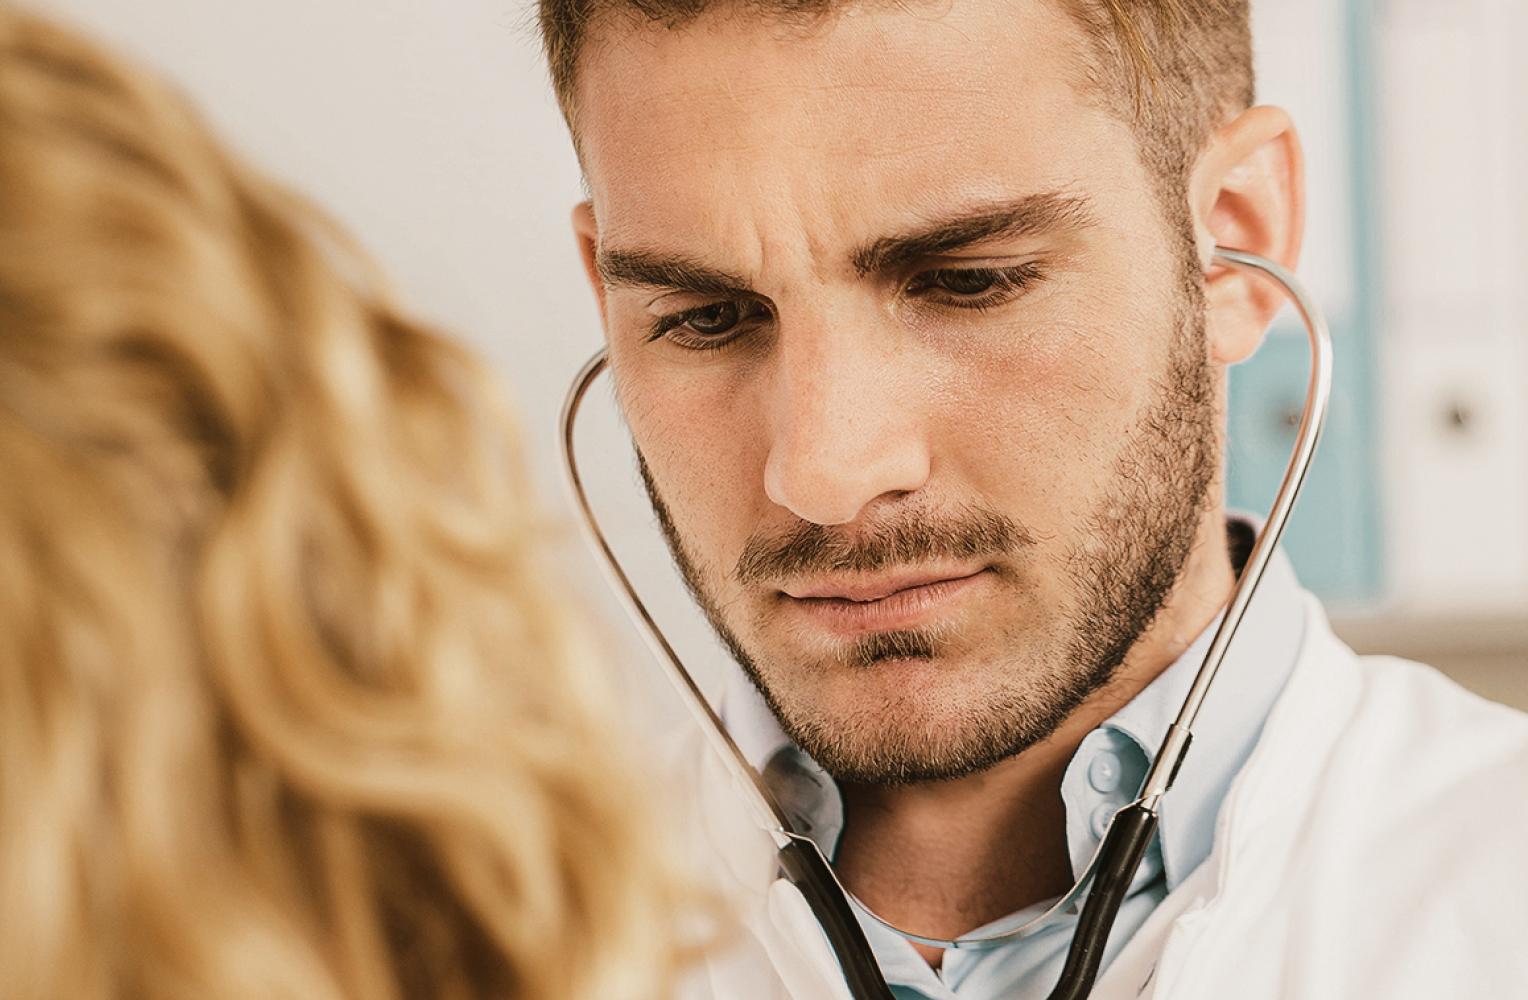 Mann mit Stethoskop